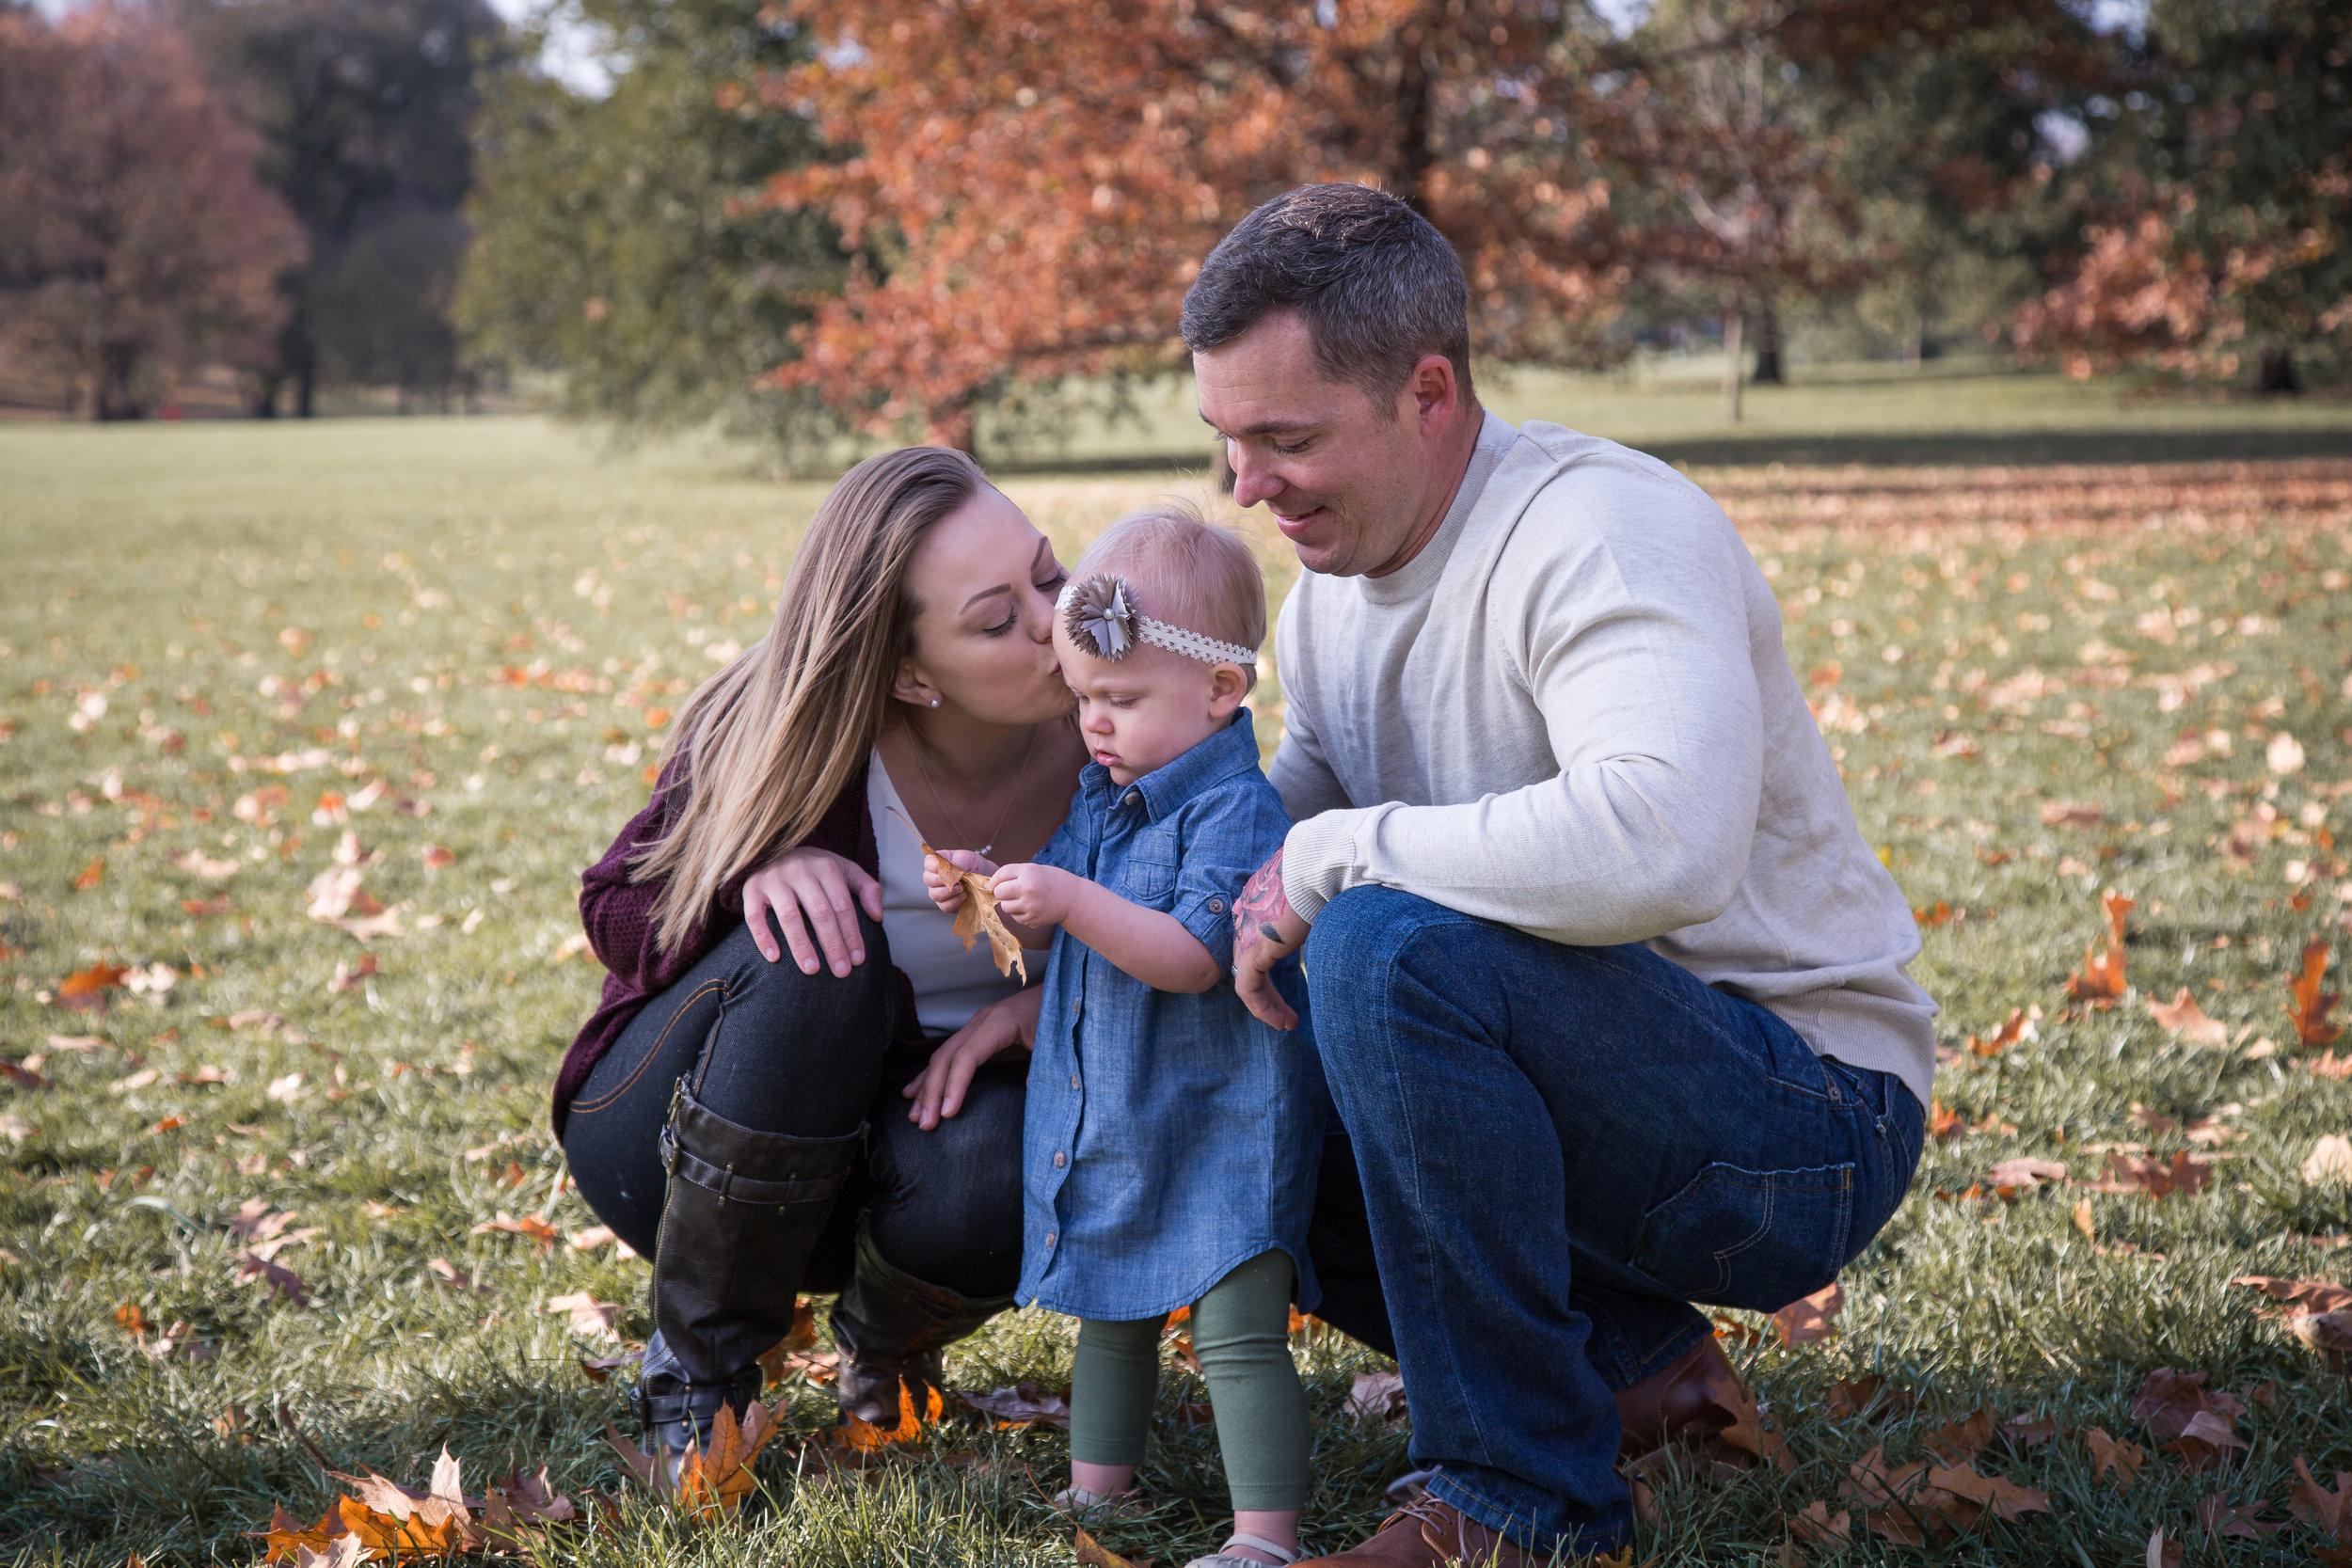 Bennett-Burrell Family Photos 2018 (21 of 39).jpg